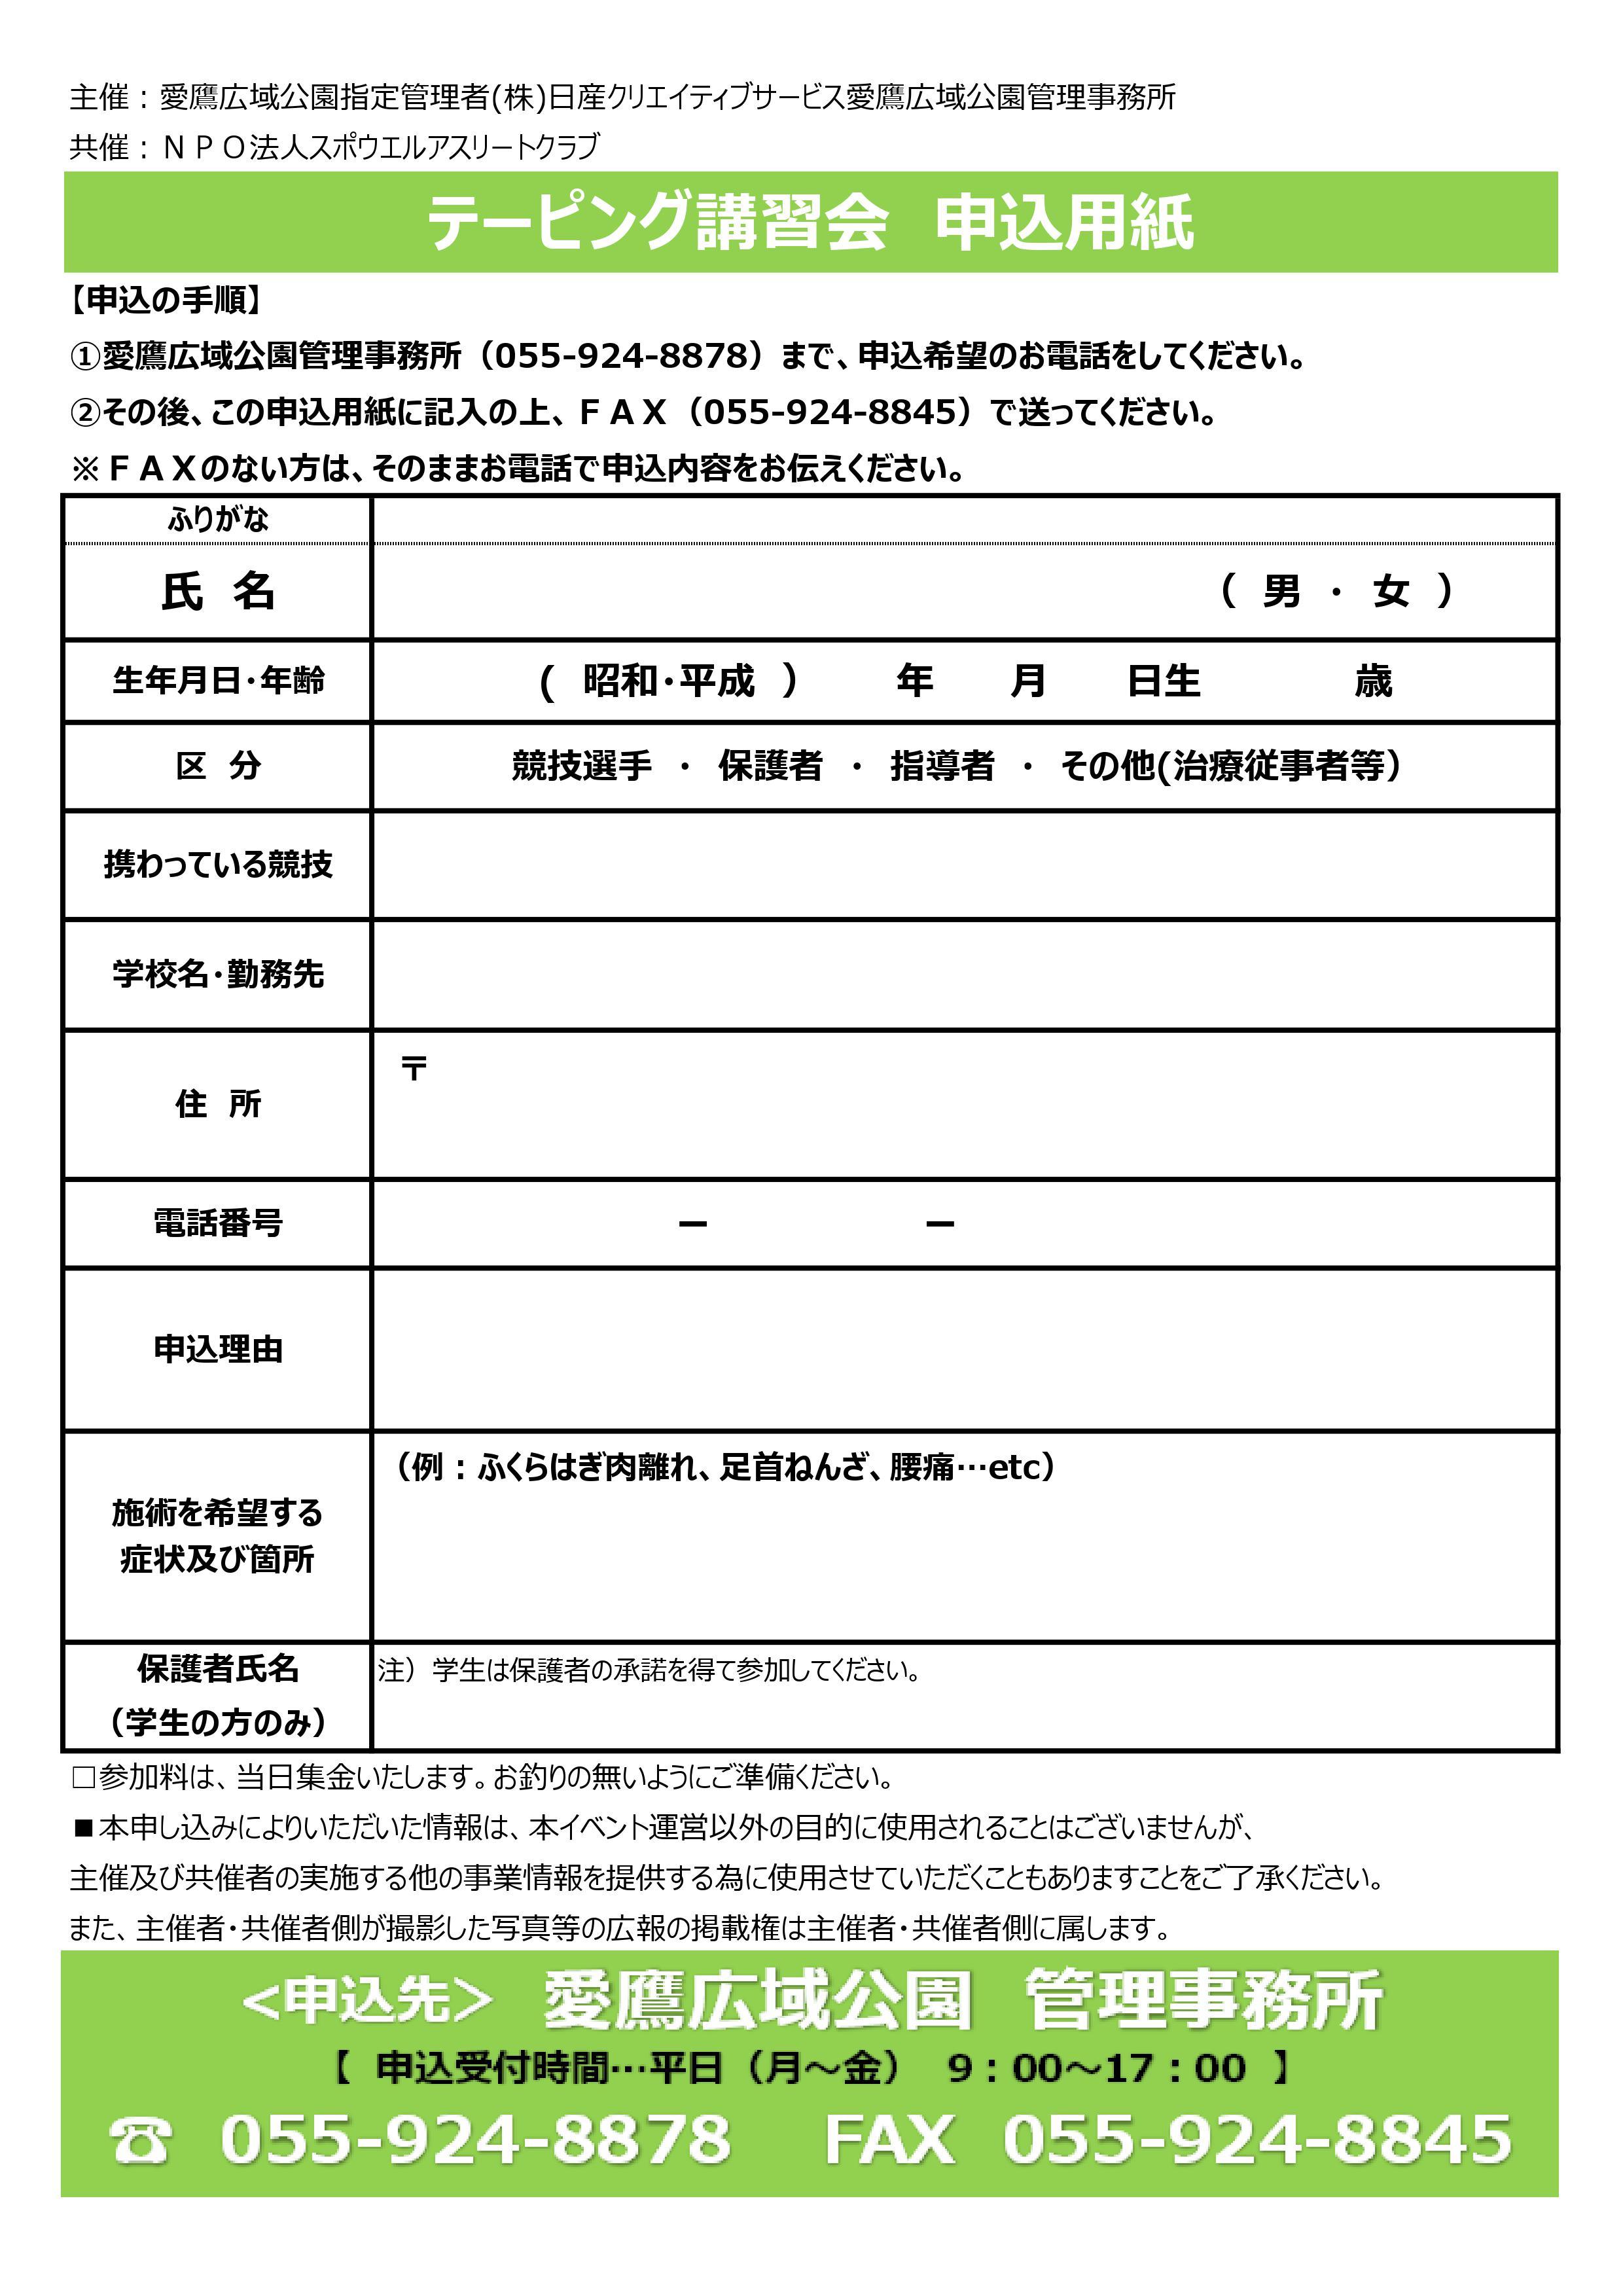 20180127テーピング申込用紙